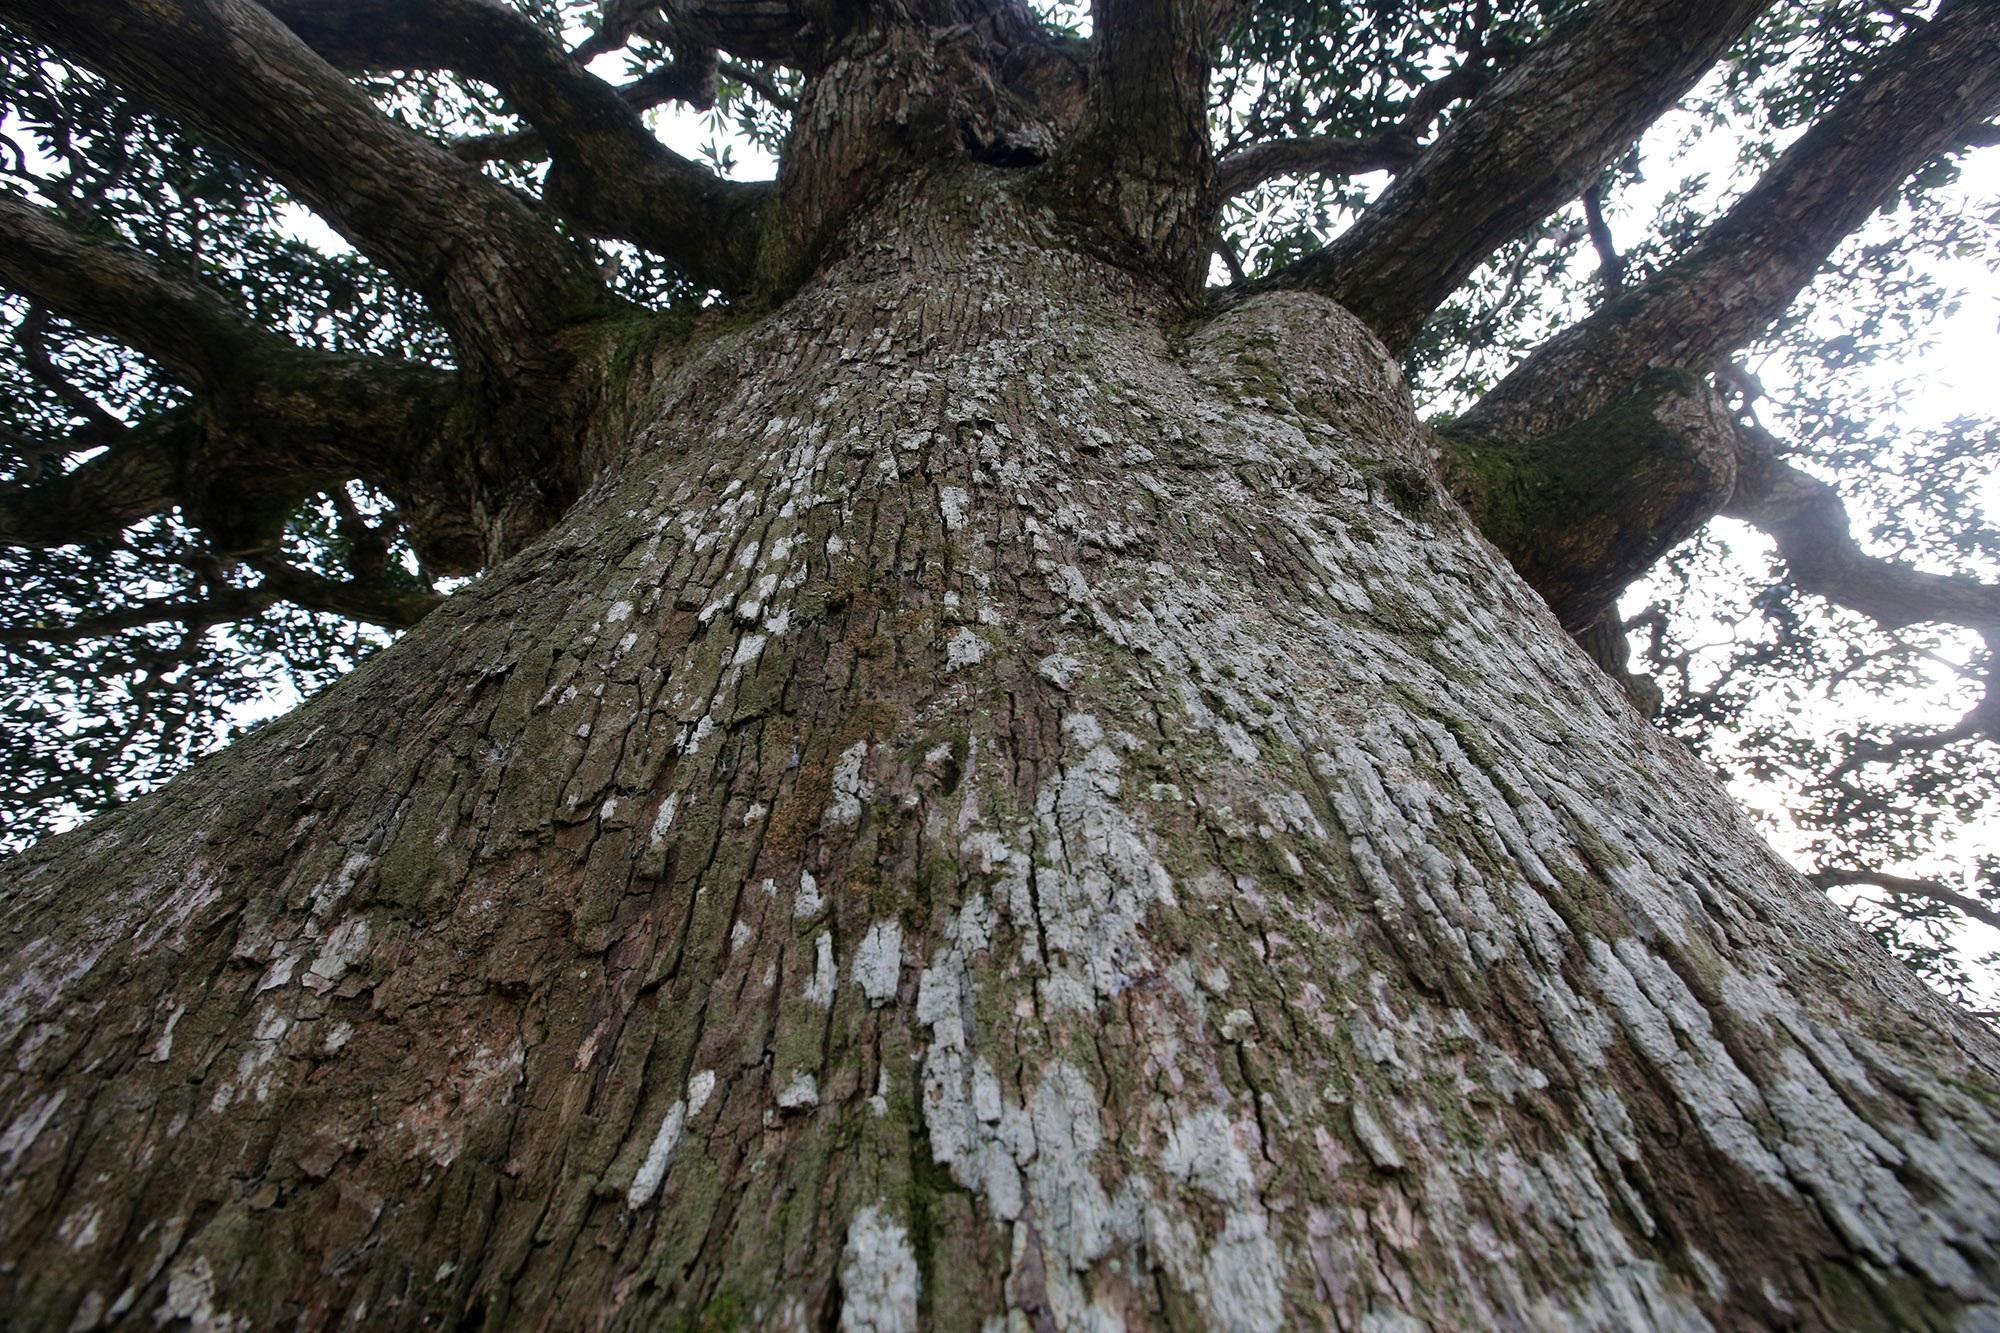 Hà Nội: Cây trôi cô đơn nghìn năm tuổi, báu vật của làng Bình Đà - 6